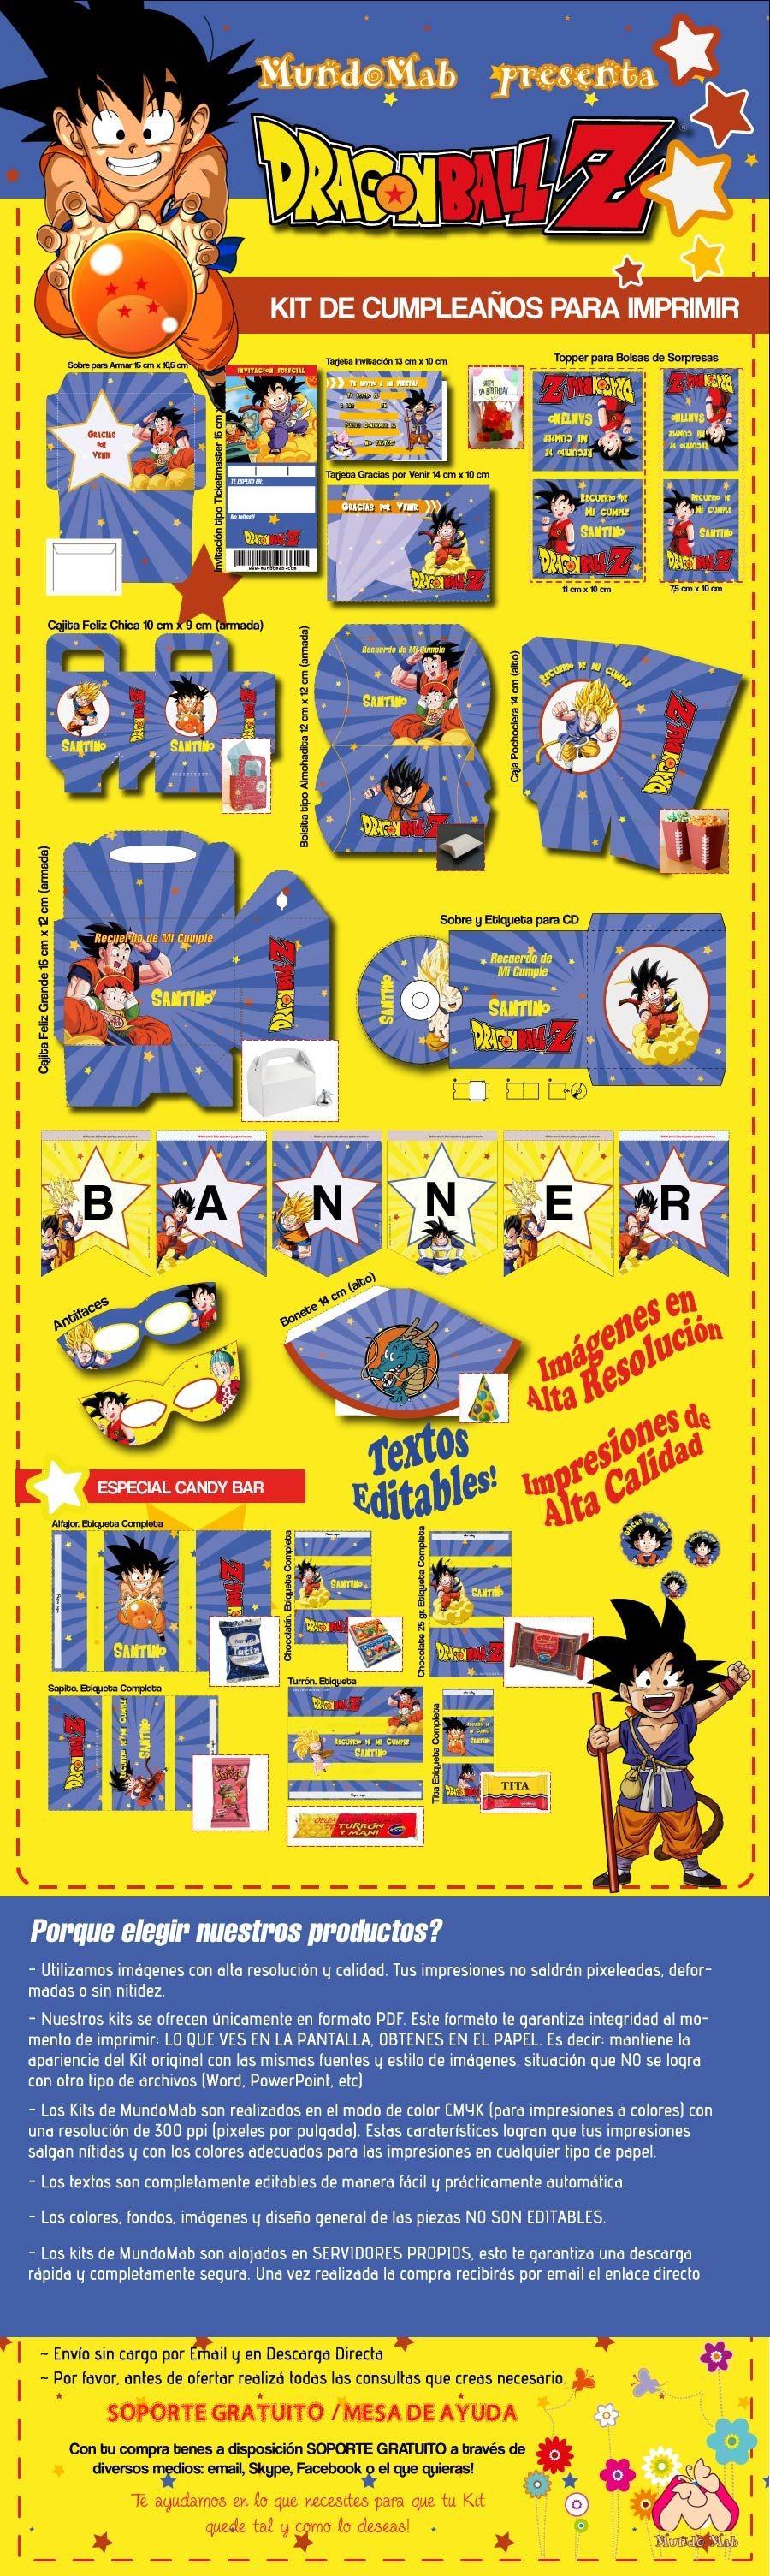 Set de cumplea±os para imprimir Dragon Ball incluye tarjetas de invitacion cotillon y etiquetas